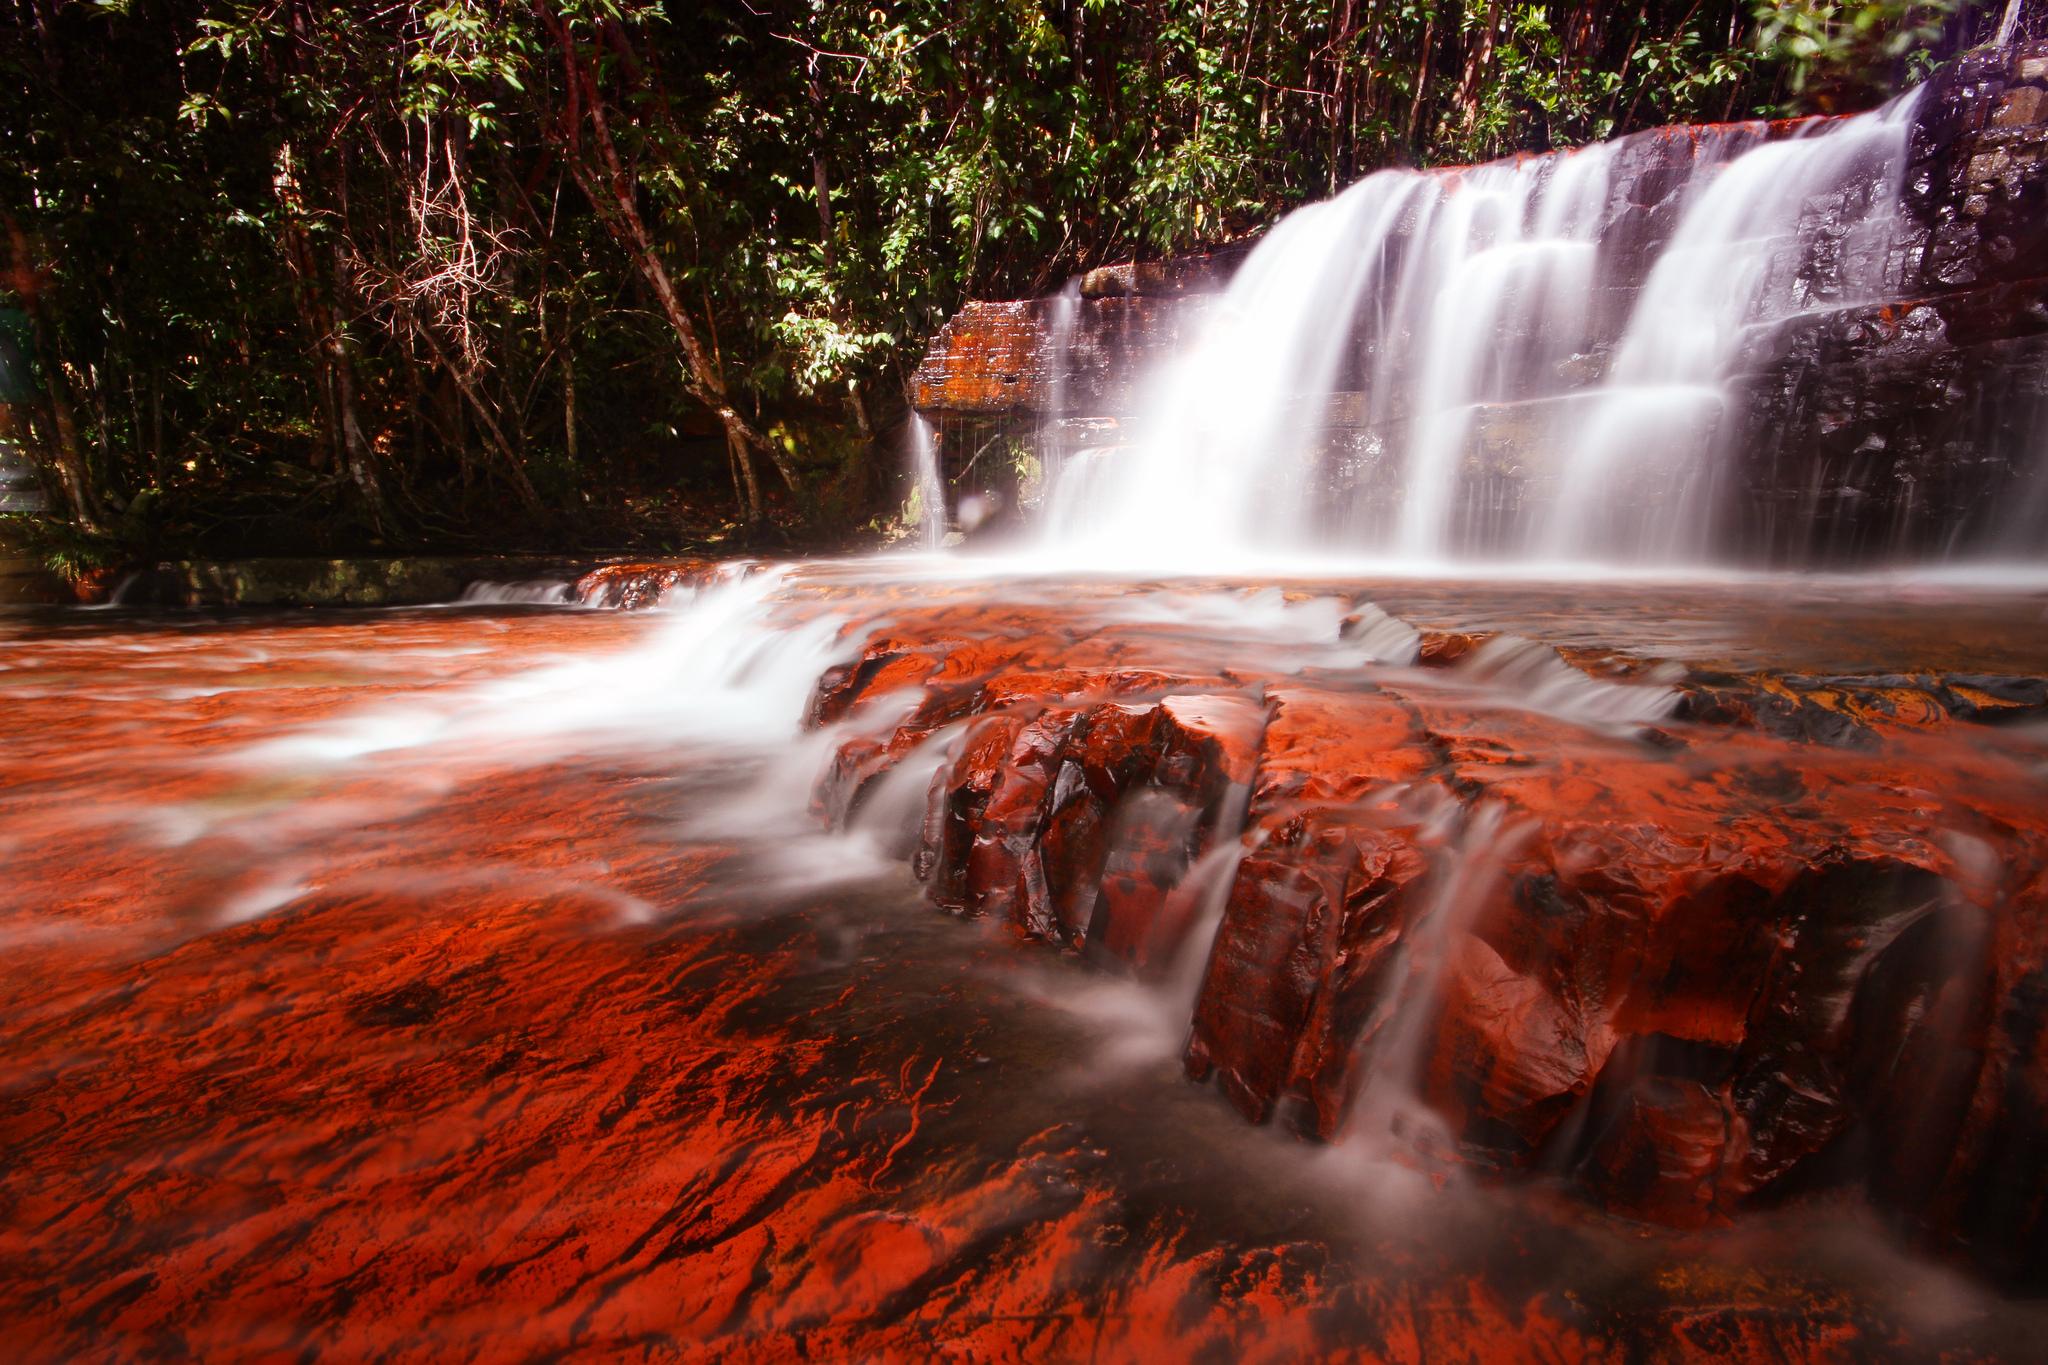 Parque-Nacional-Canaima-Канайма_Национальный_парк_Венесуэла.4